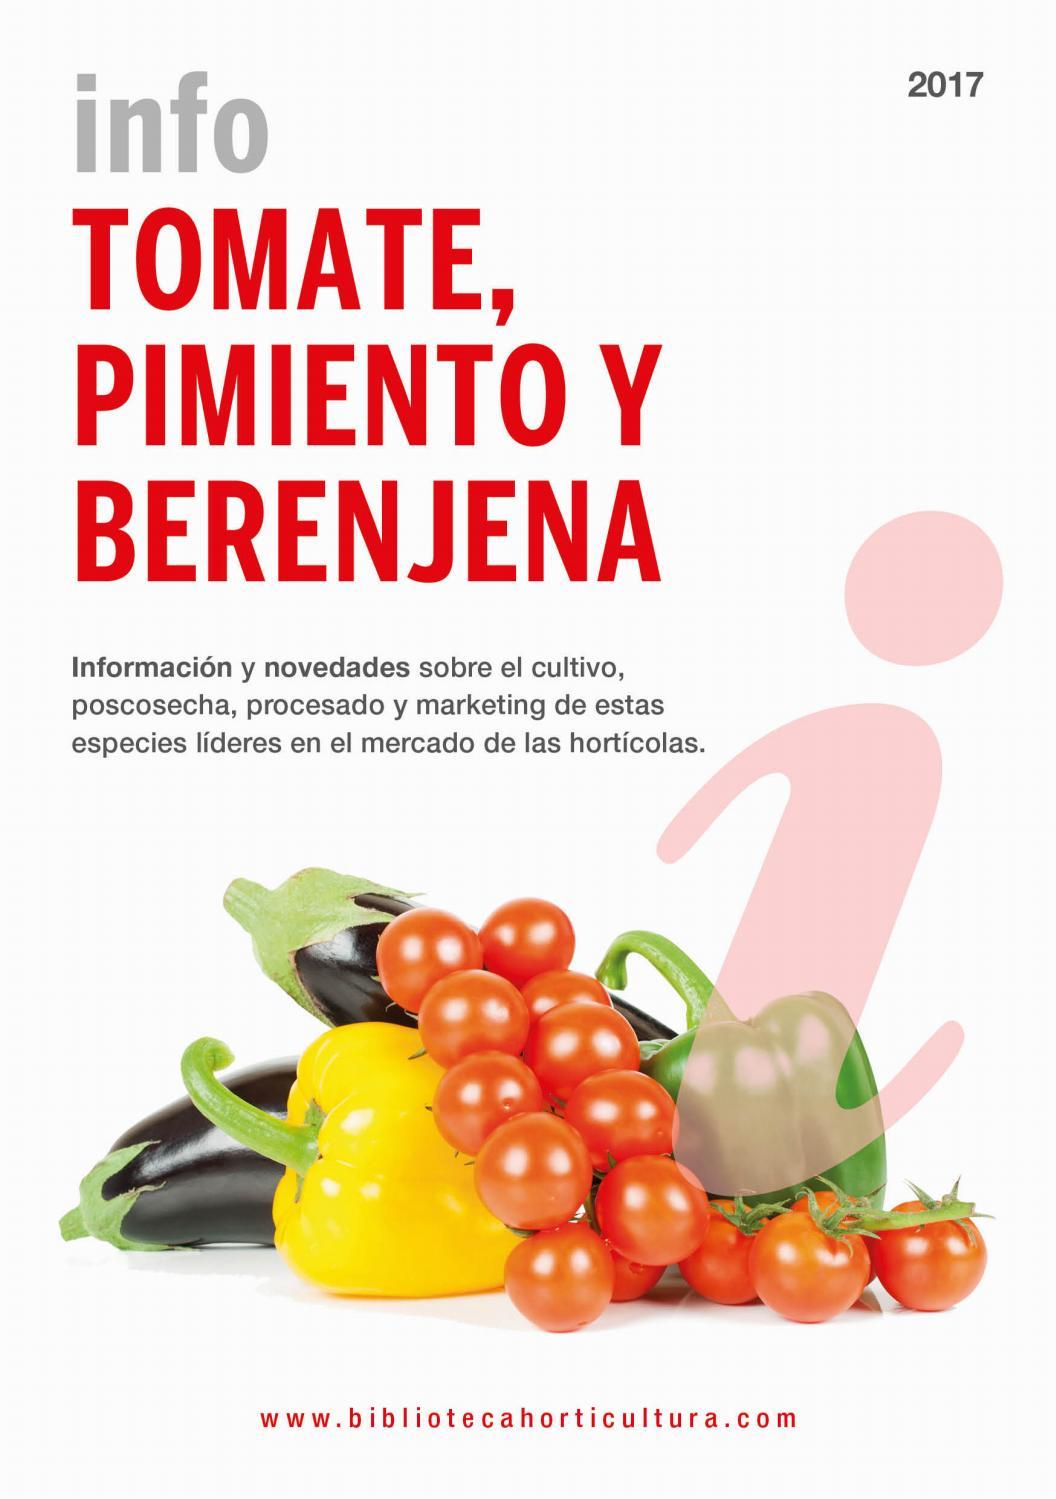 que nos proporciona el tomate